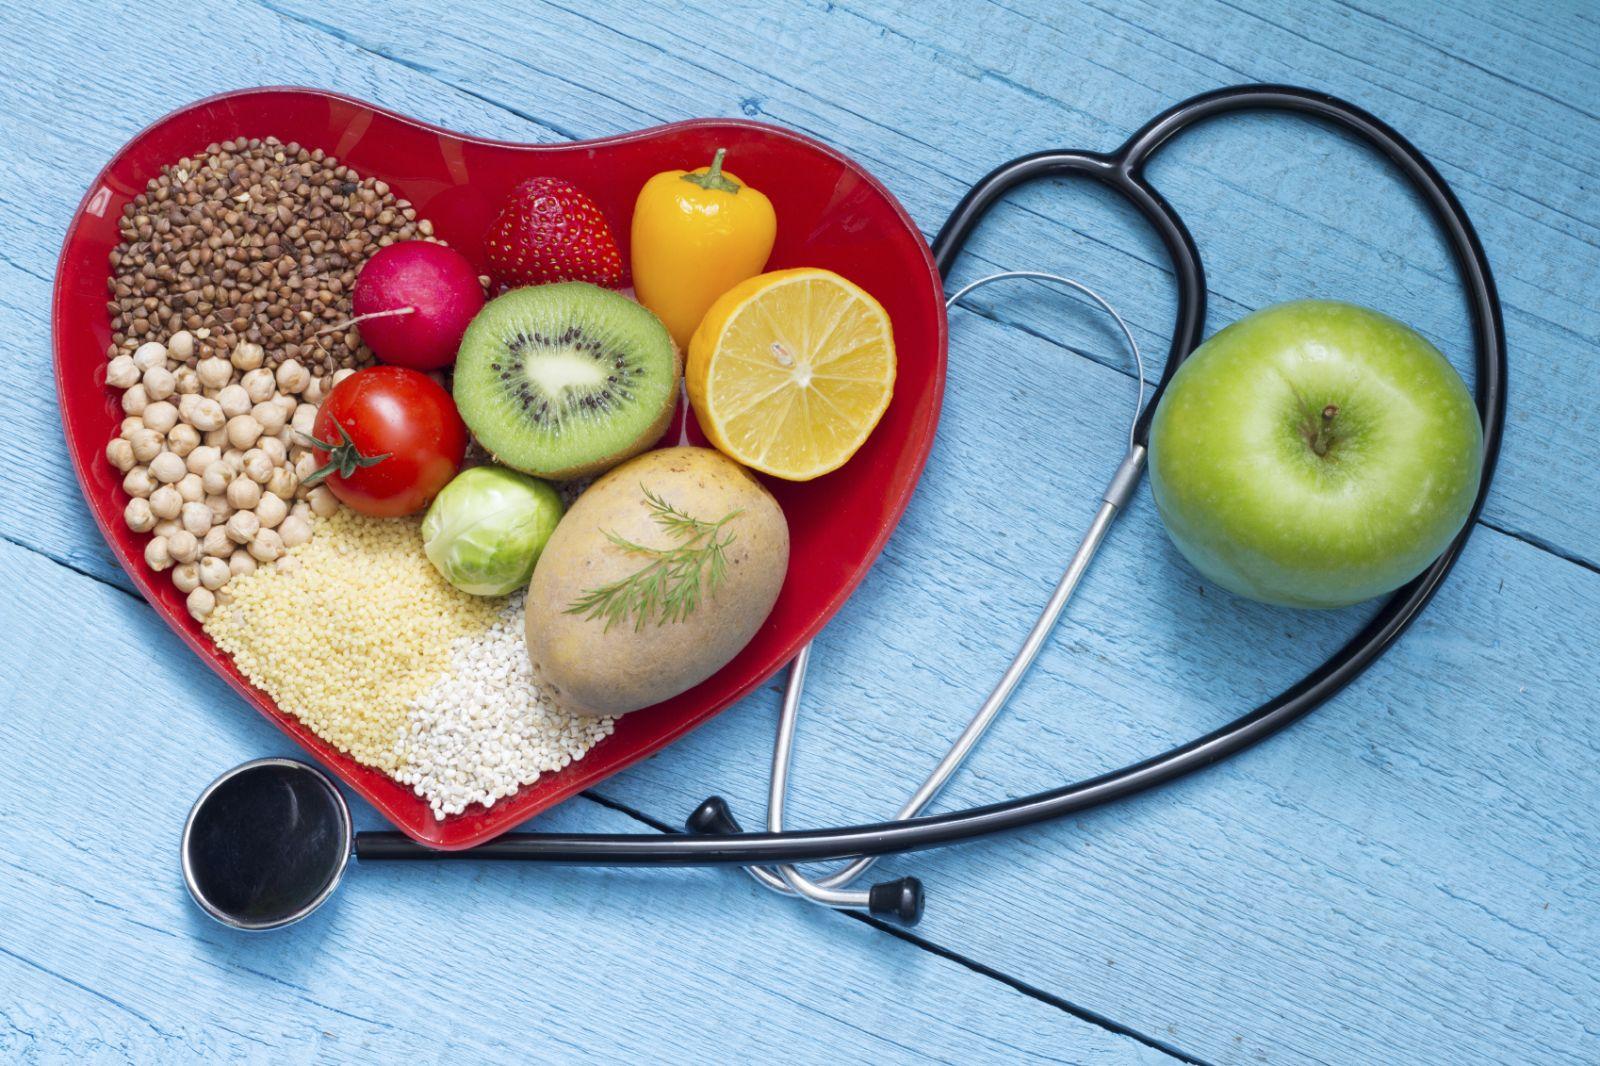 High Fiber Diet Benefits For Heart disease